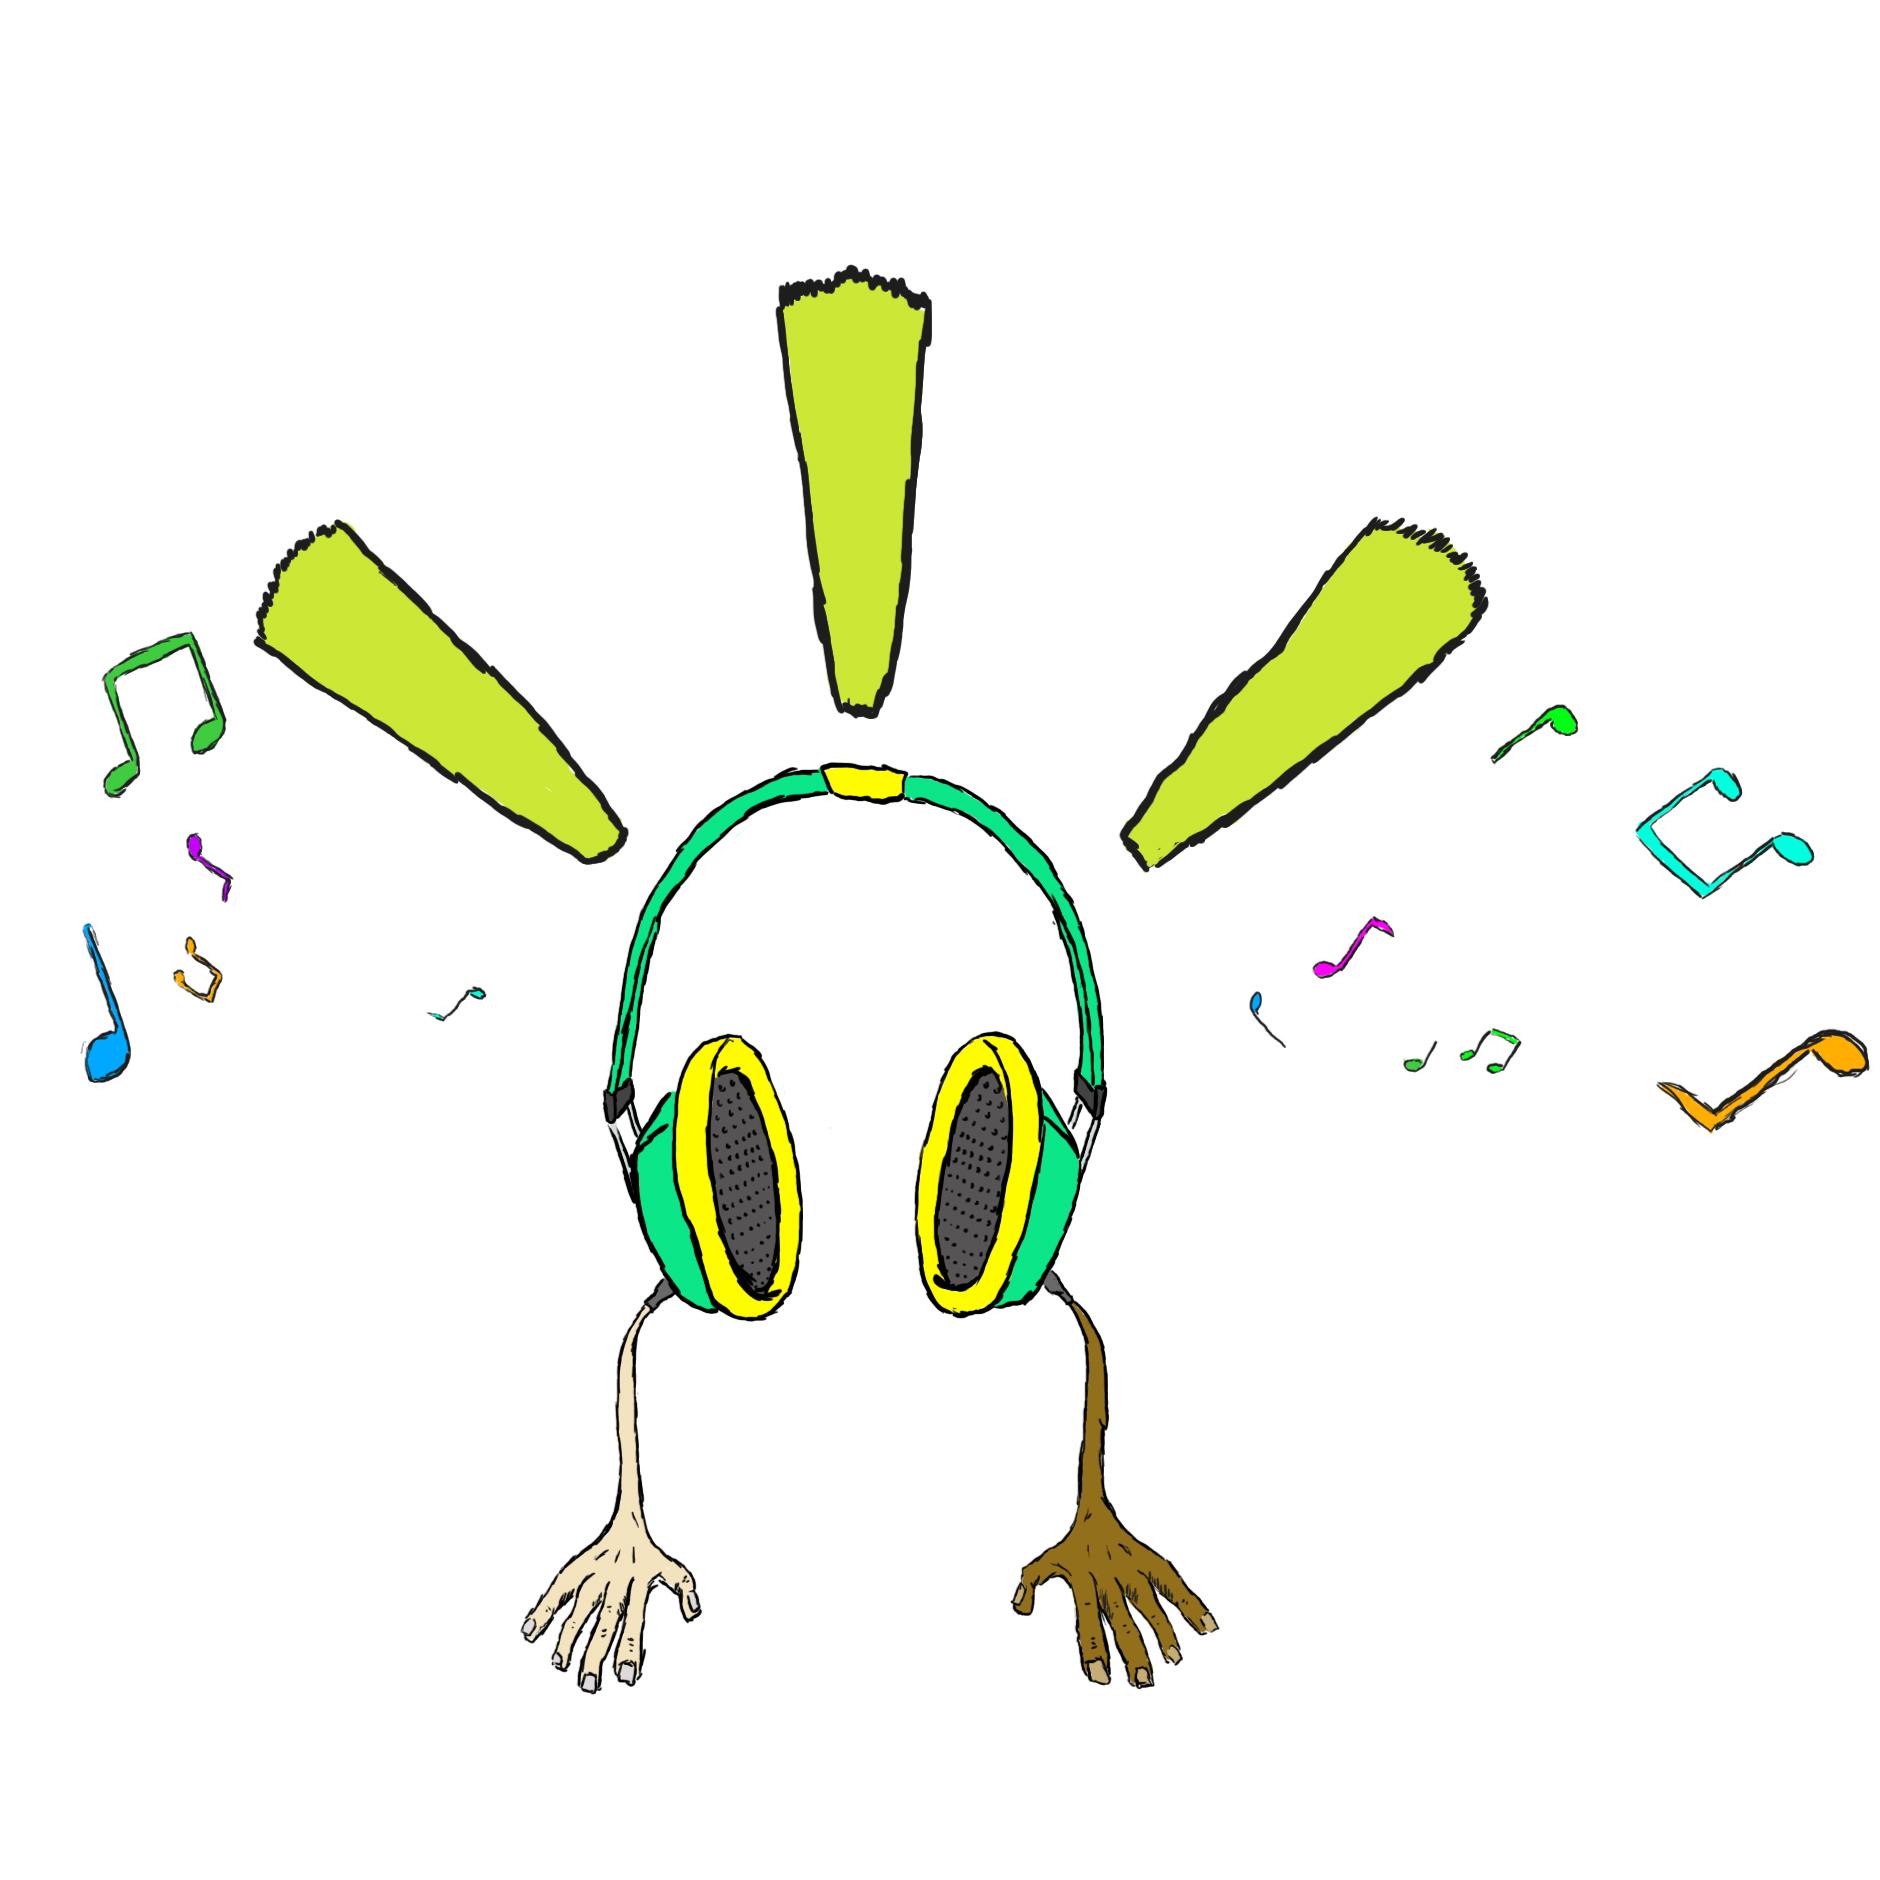 whack music